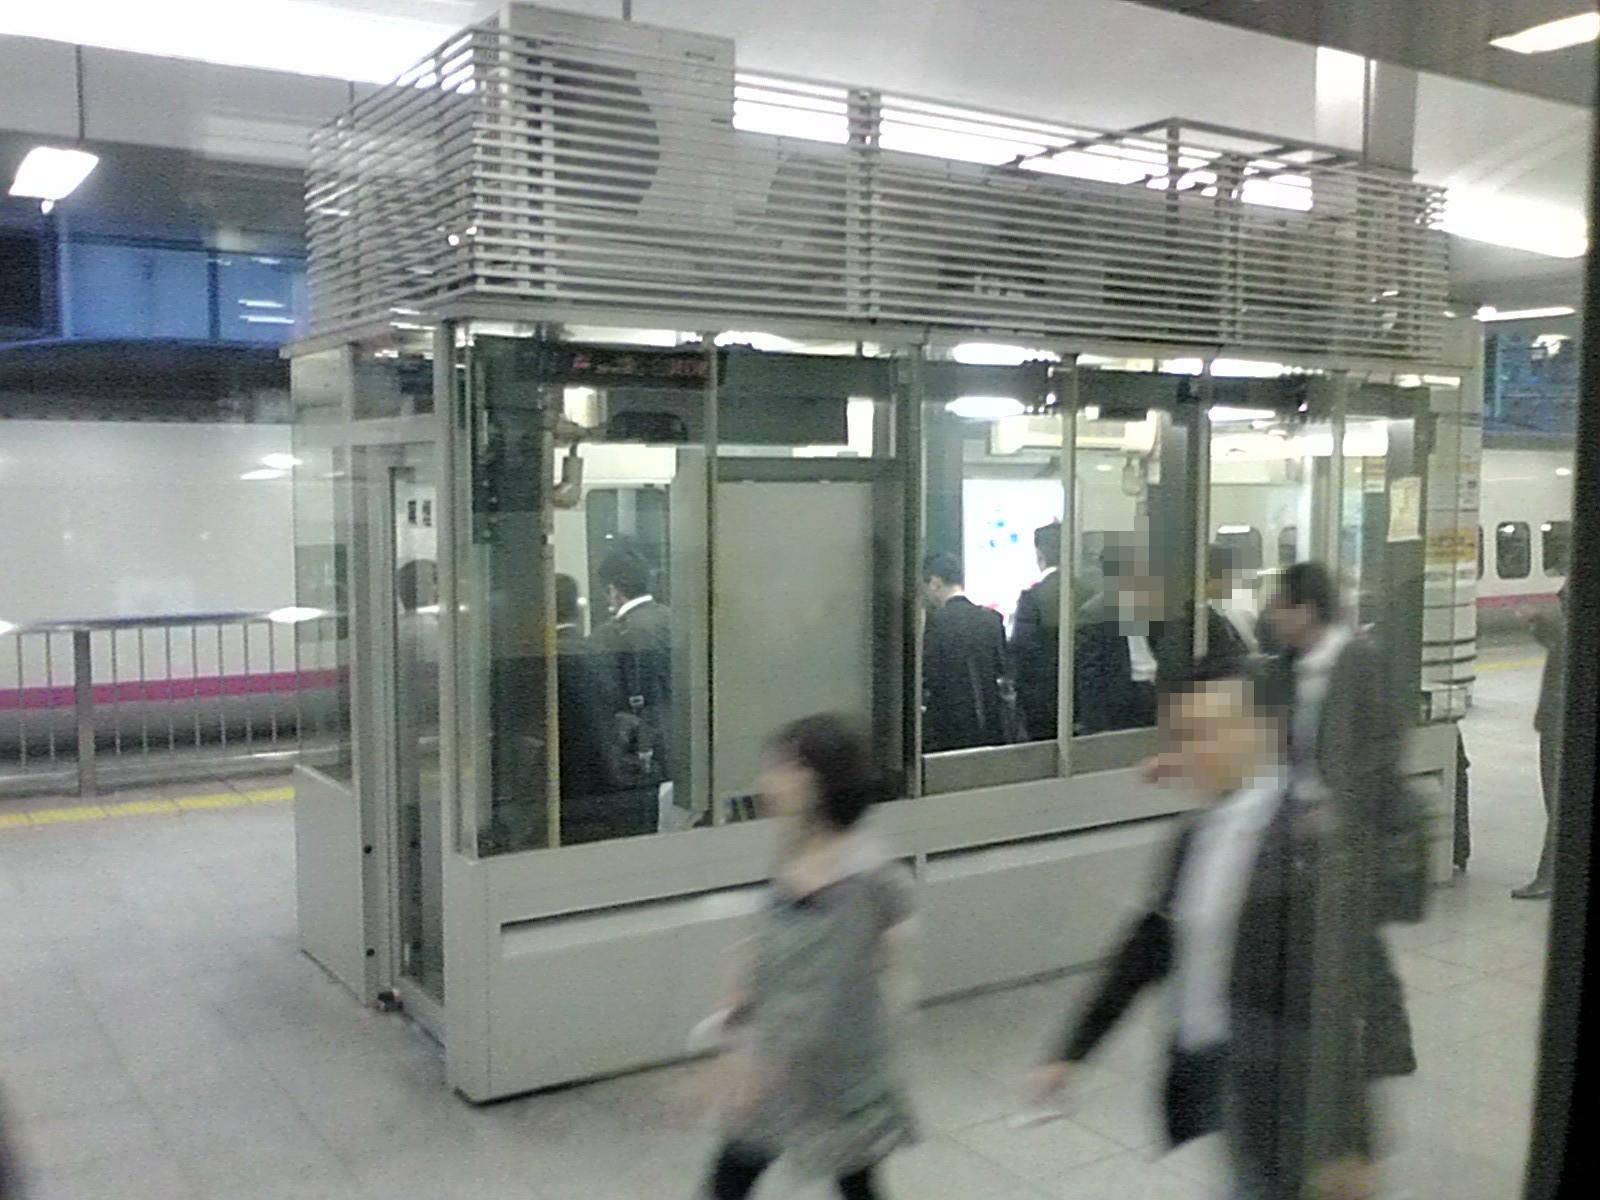 新幹線の座席はabcde席どれが良い?指定席 ...